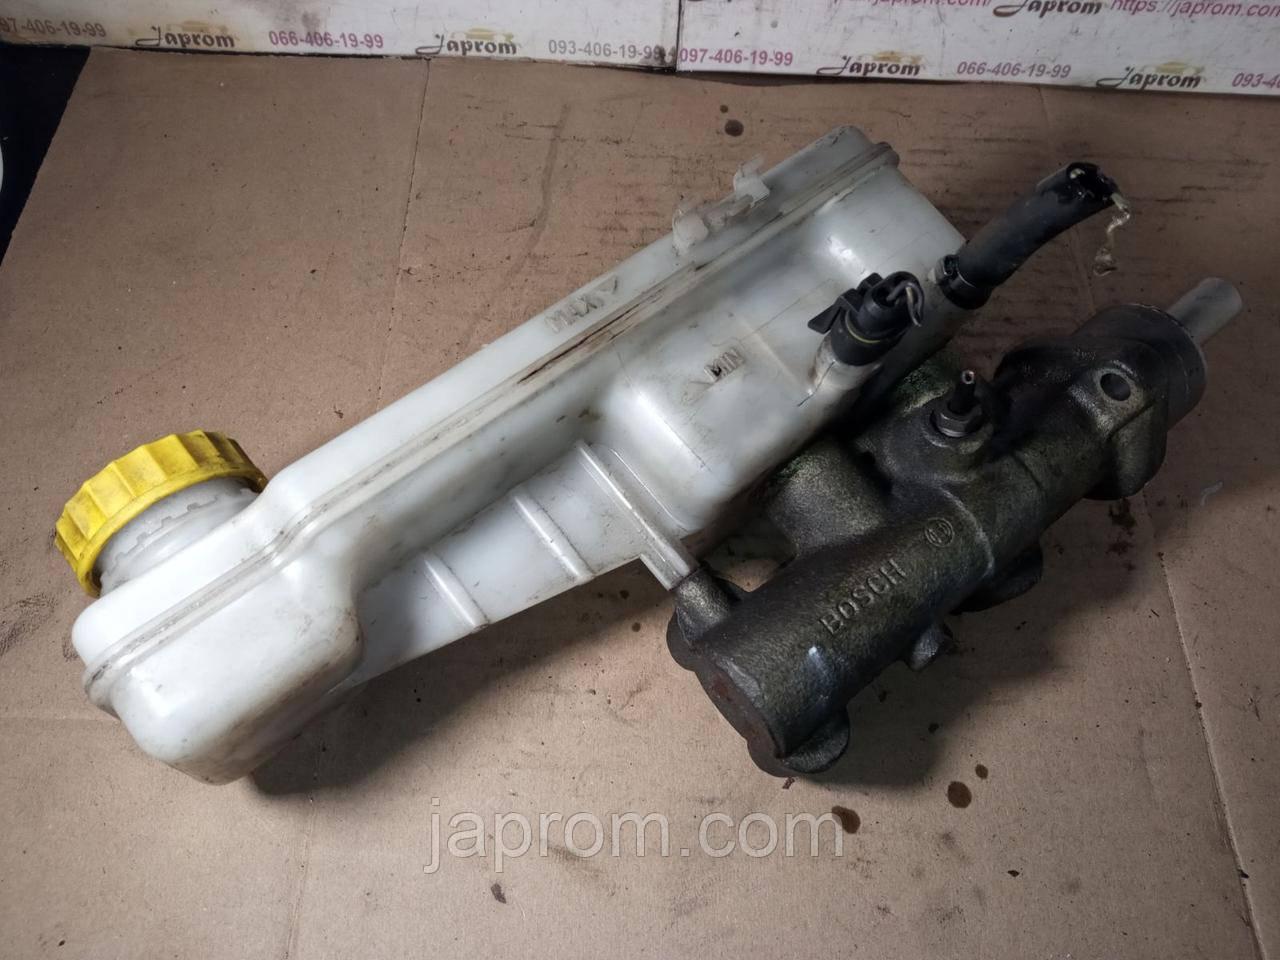 Главный тормозной цилиндр Peugeot Boxer Fiat Ducato Citroen Jumper 244 2002-2006 г.в. без ABS